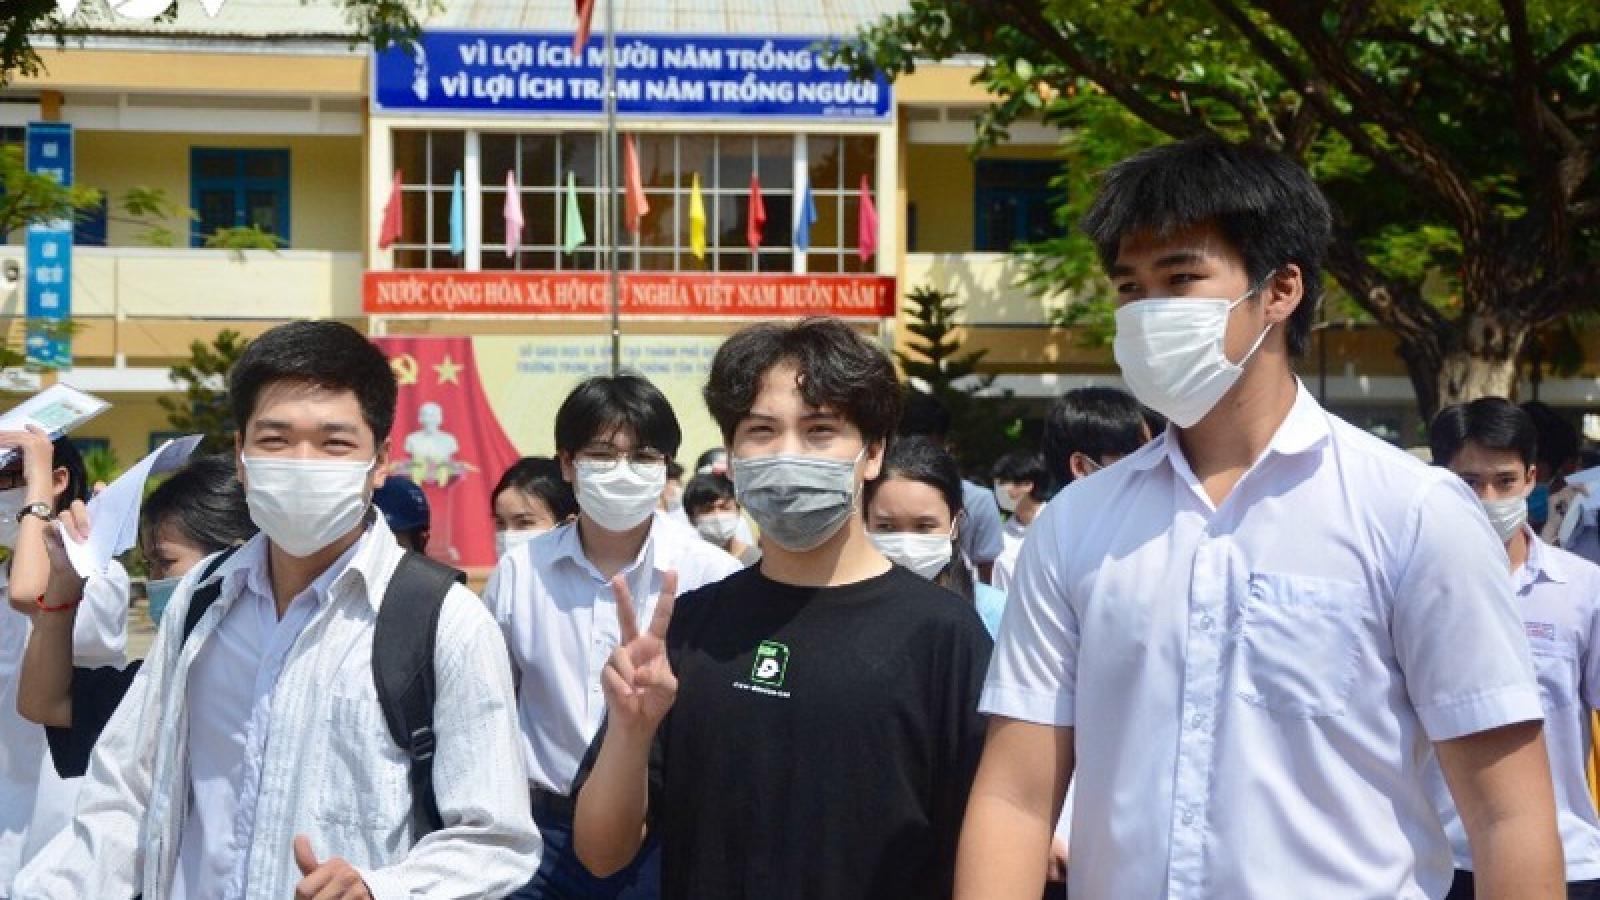 1 thí sinh Đà Nẵng phải cấp cứu trong buổi thi tốt nghiệp THPT đợt 2